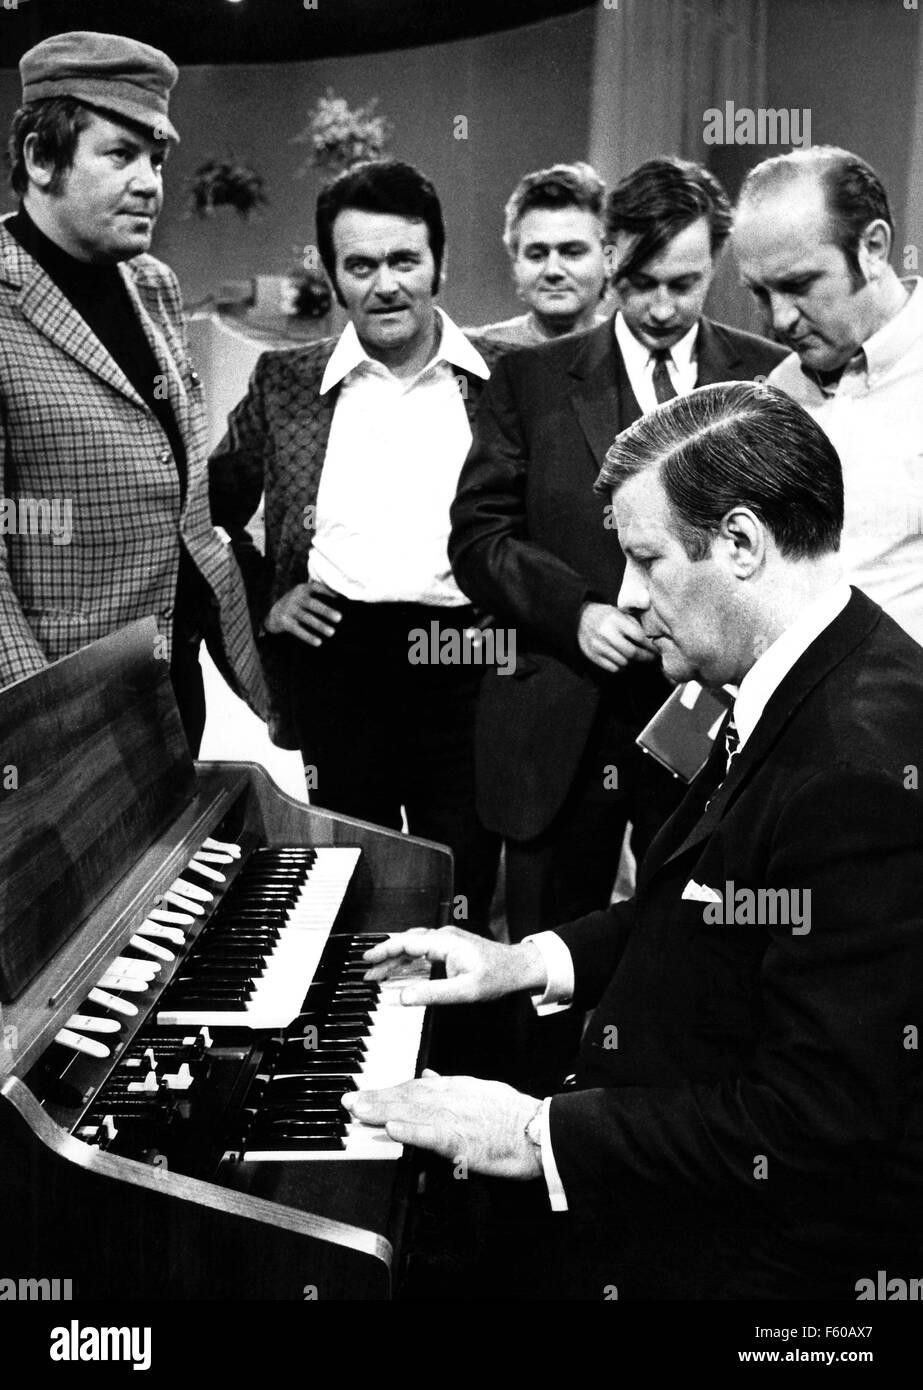 Helmut Schmidt organo svolge il 6 luglio 1972 presso il ZDF studio a Wiesbaden. Wim Thoelke (L) e Max Greger (secondo da sinistra) stanno a guardare lui. Il 23 dicembre 2003, Schmidt diventa 85 anni. Foto Stock